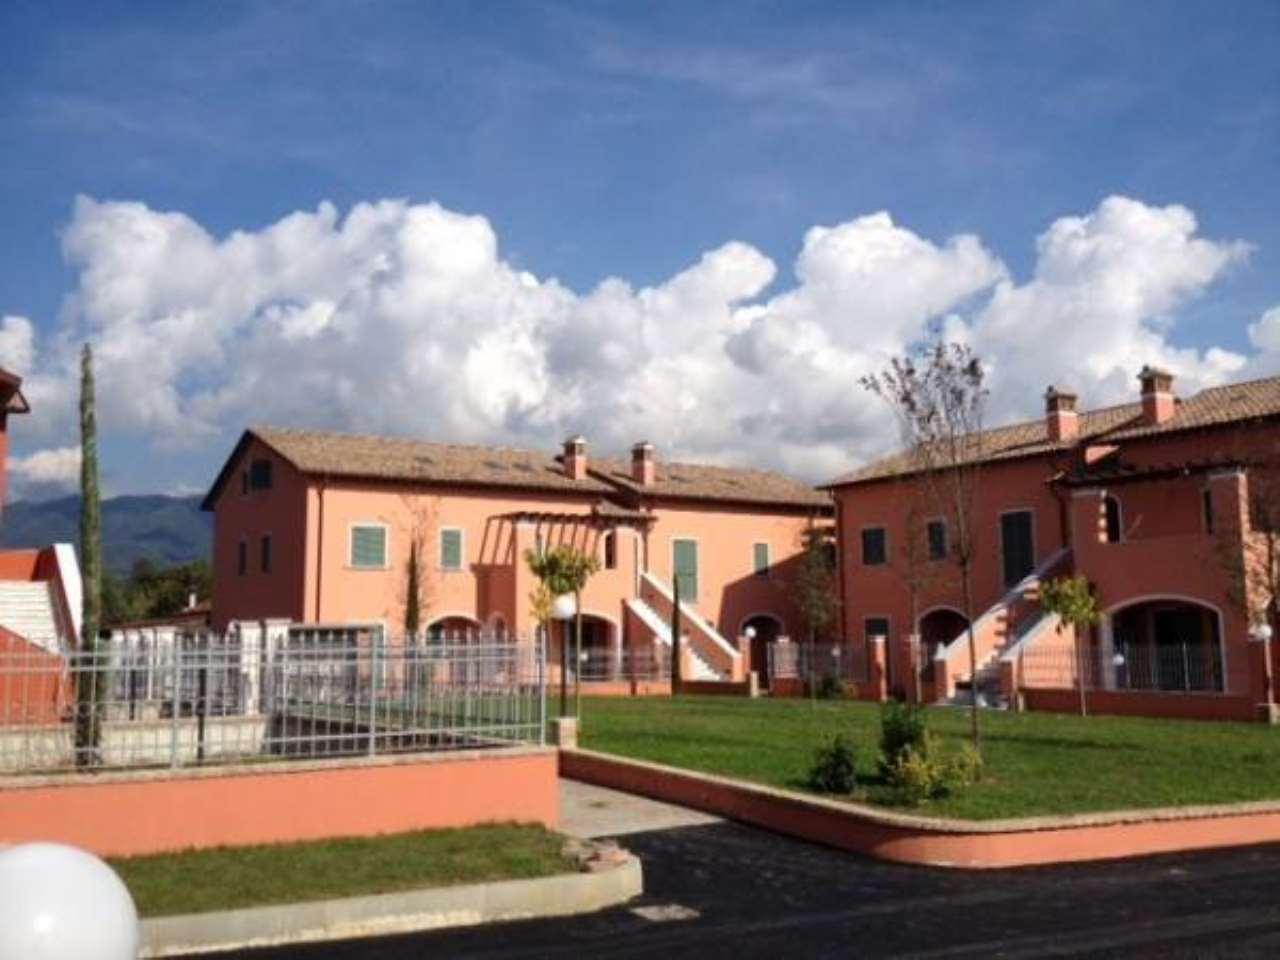 Appartamento in vendita a Sarzana, 1 locali, Trattative riservate | PortaleAgenzieImmobiliari.it